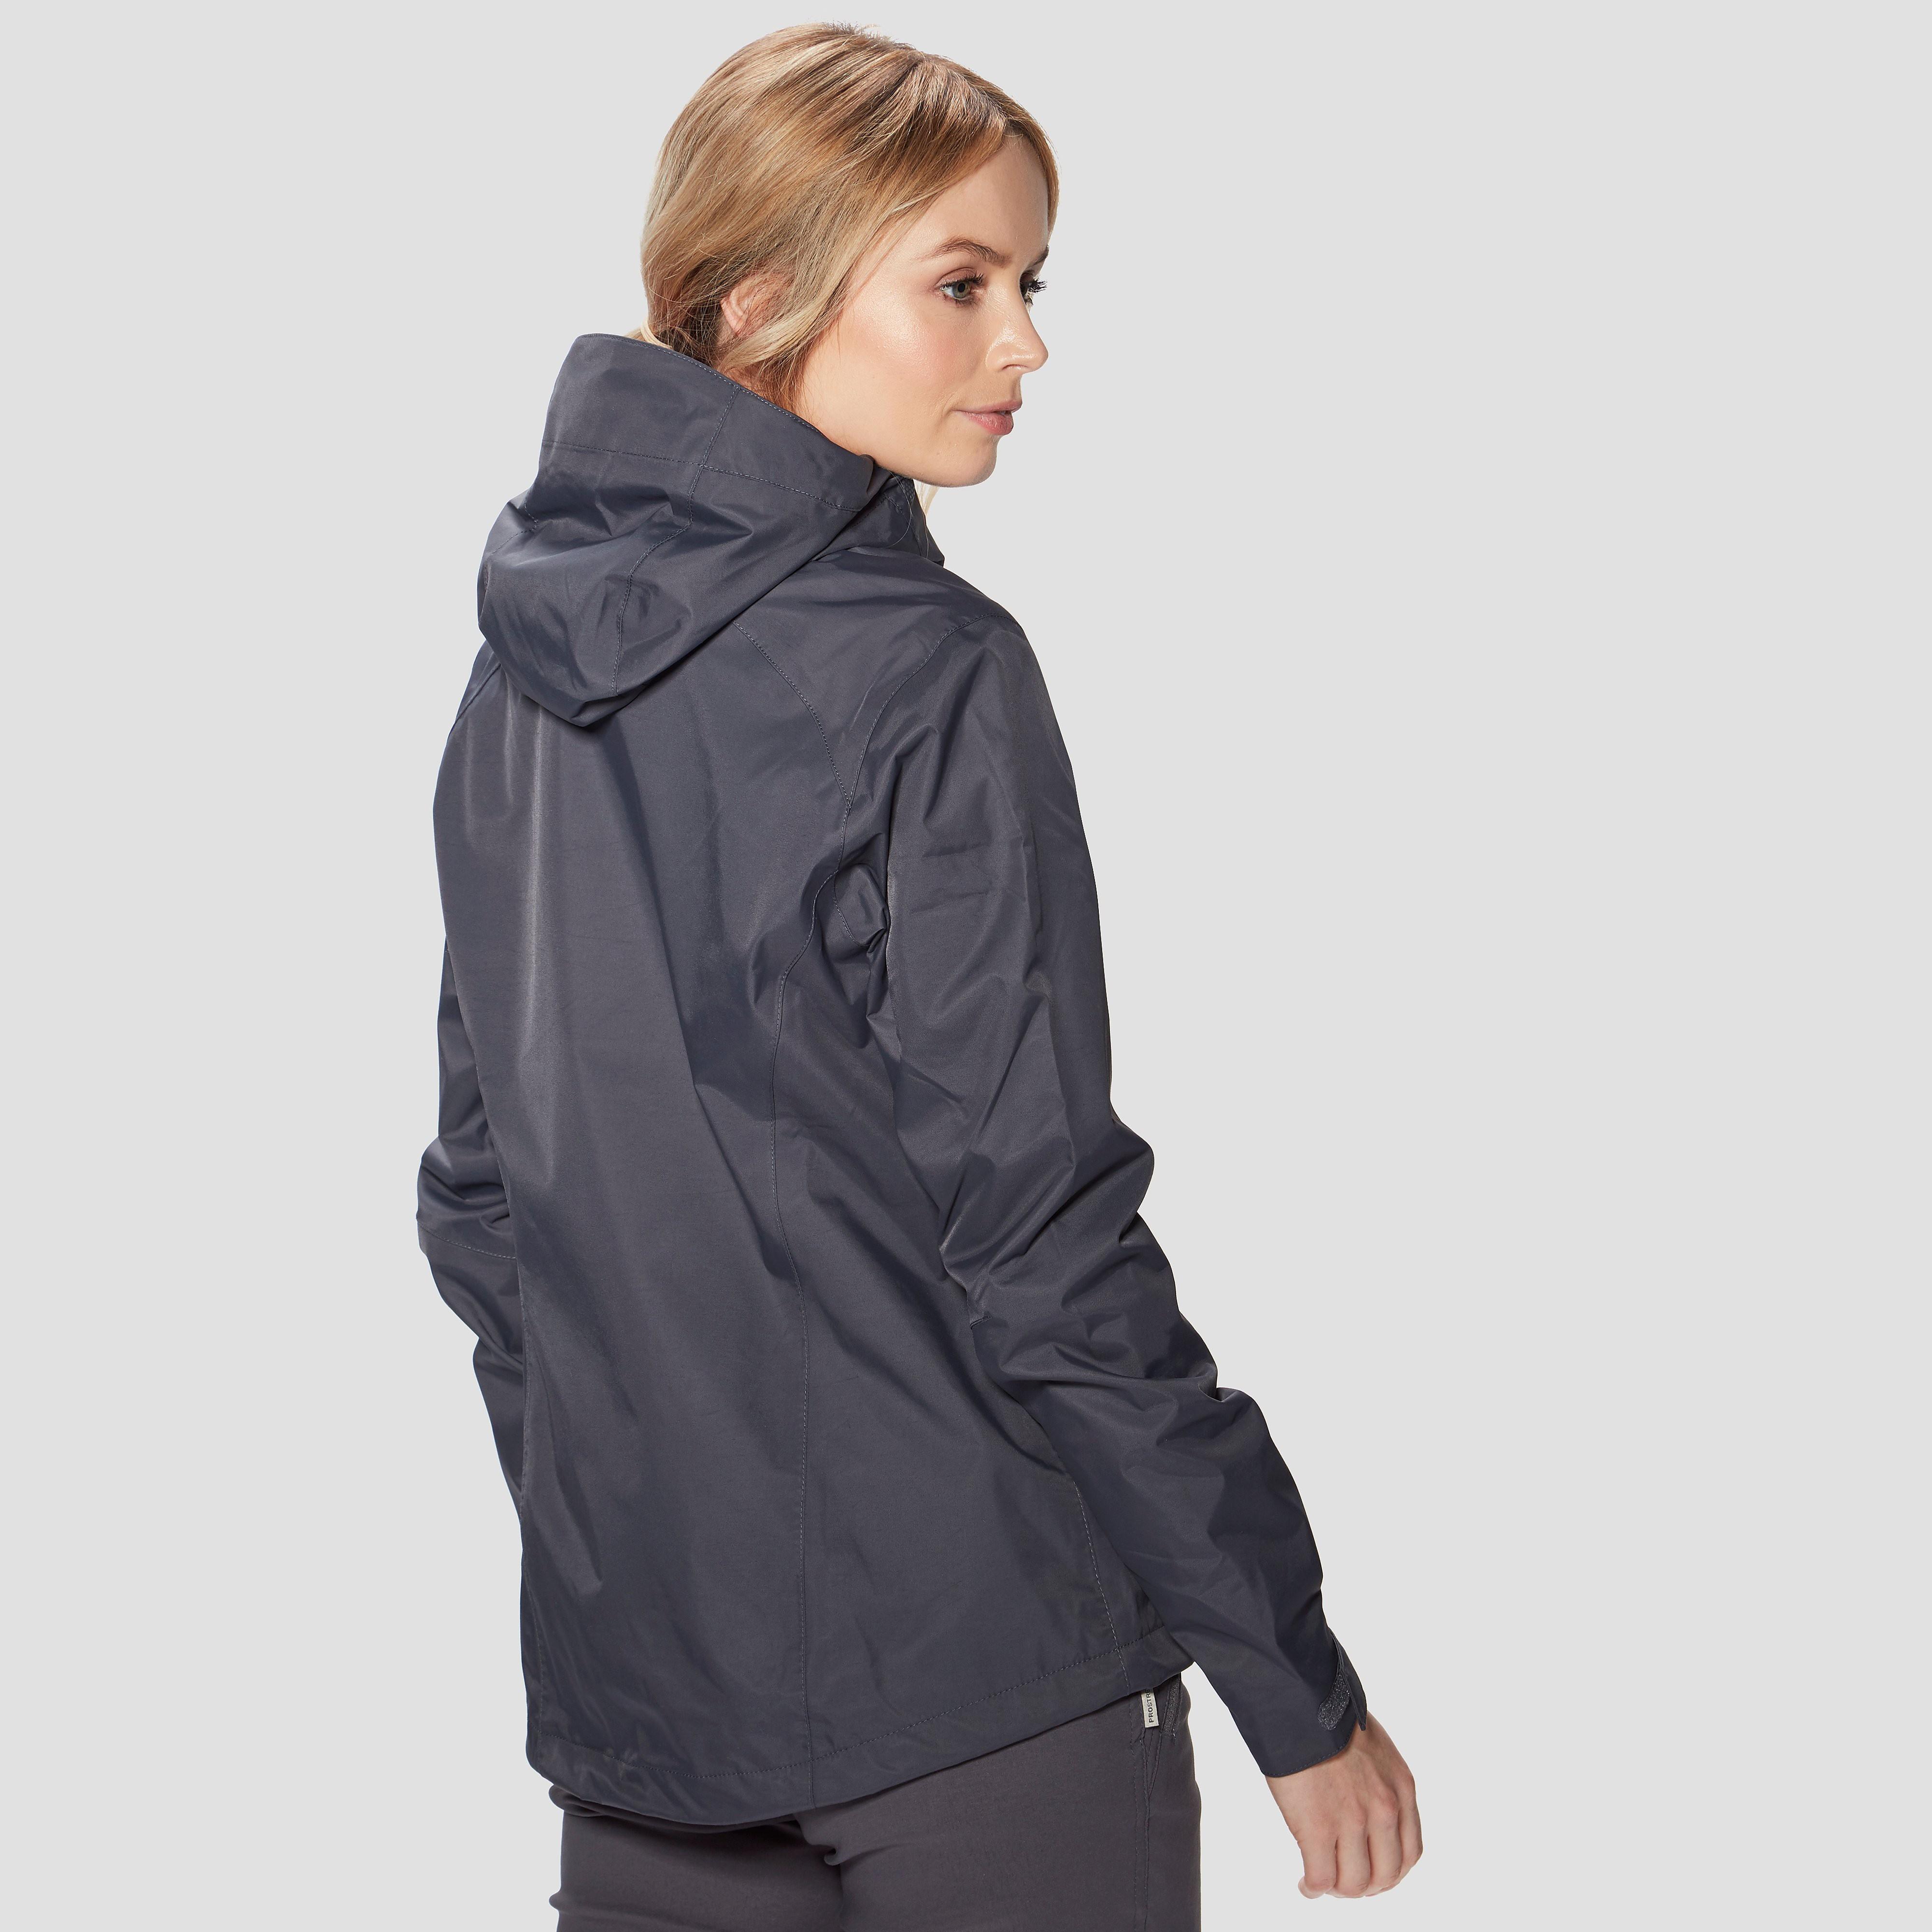 Jack Wolfskin Arroyo Waterproof Women's Jacket